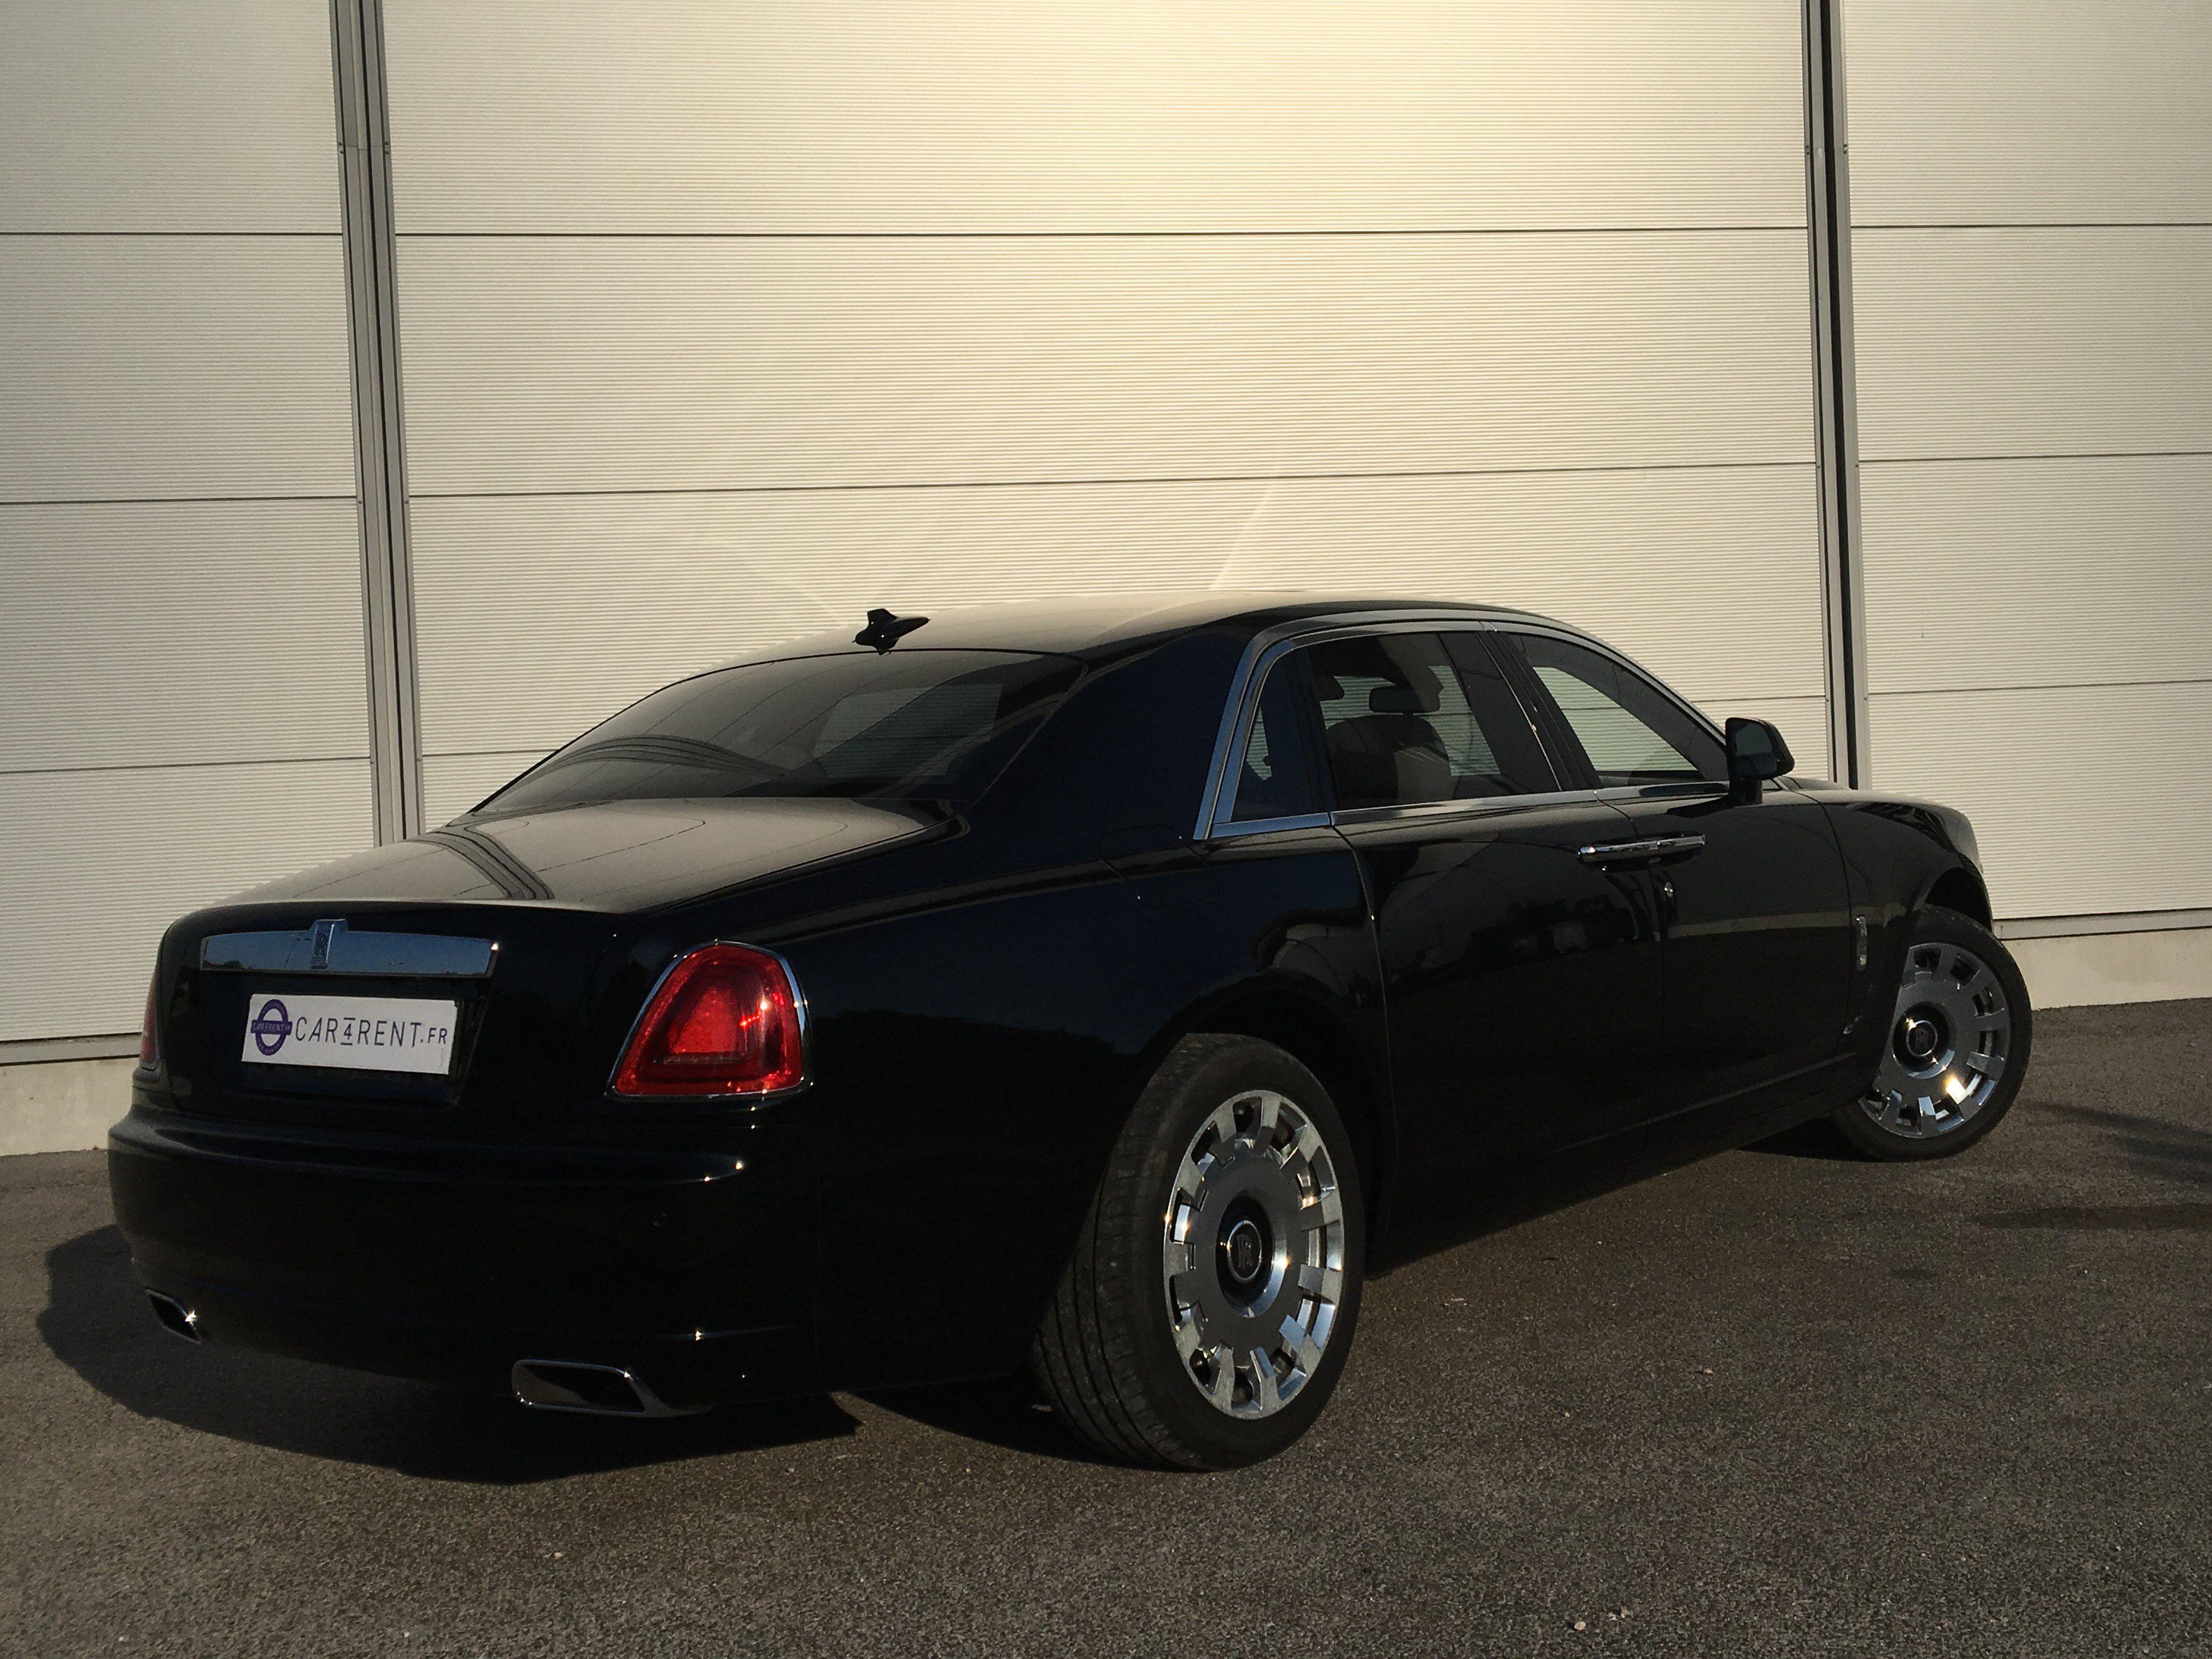 louer rolls royce ghost cote d'azur Car4rent location voiture de prestige